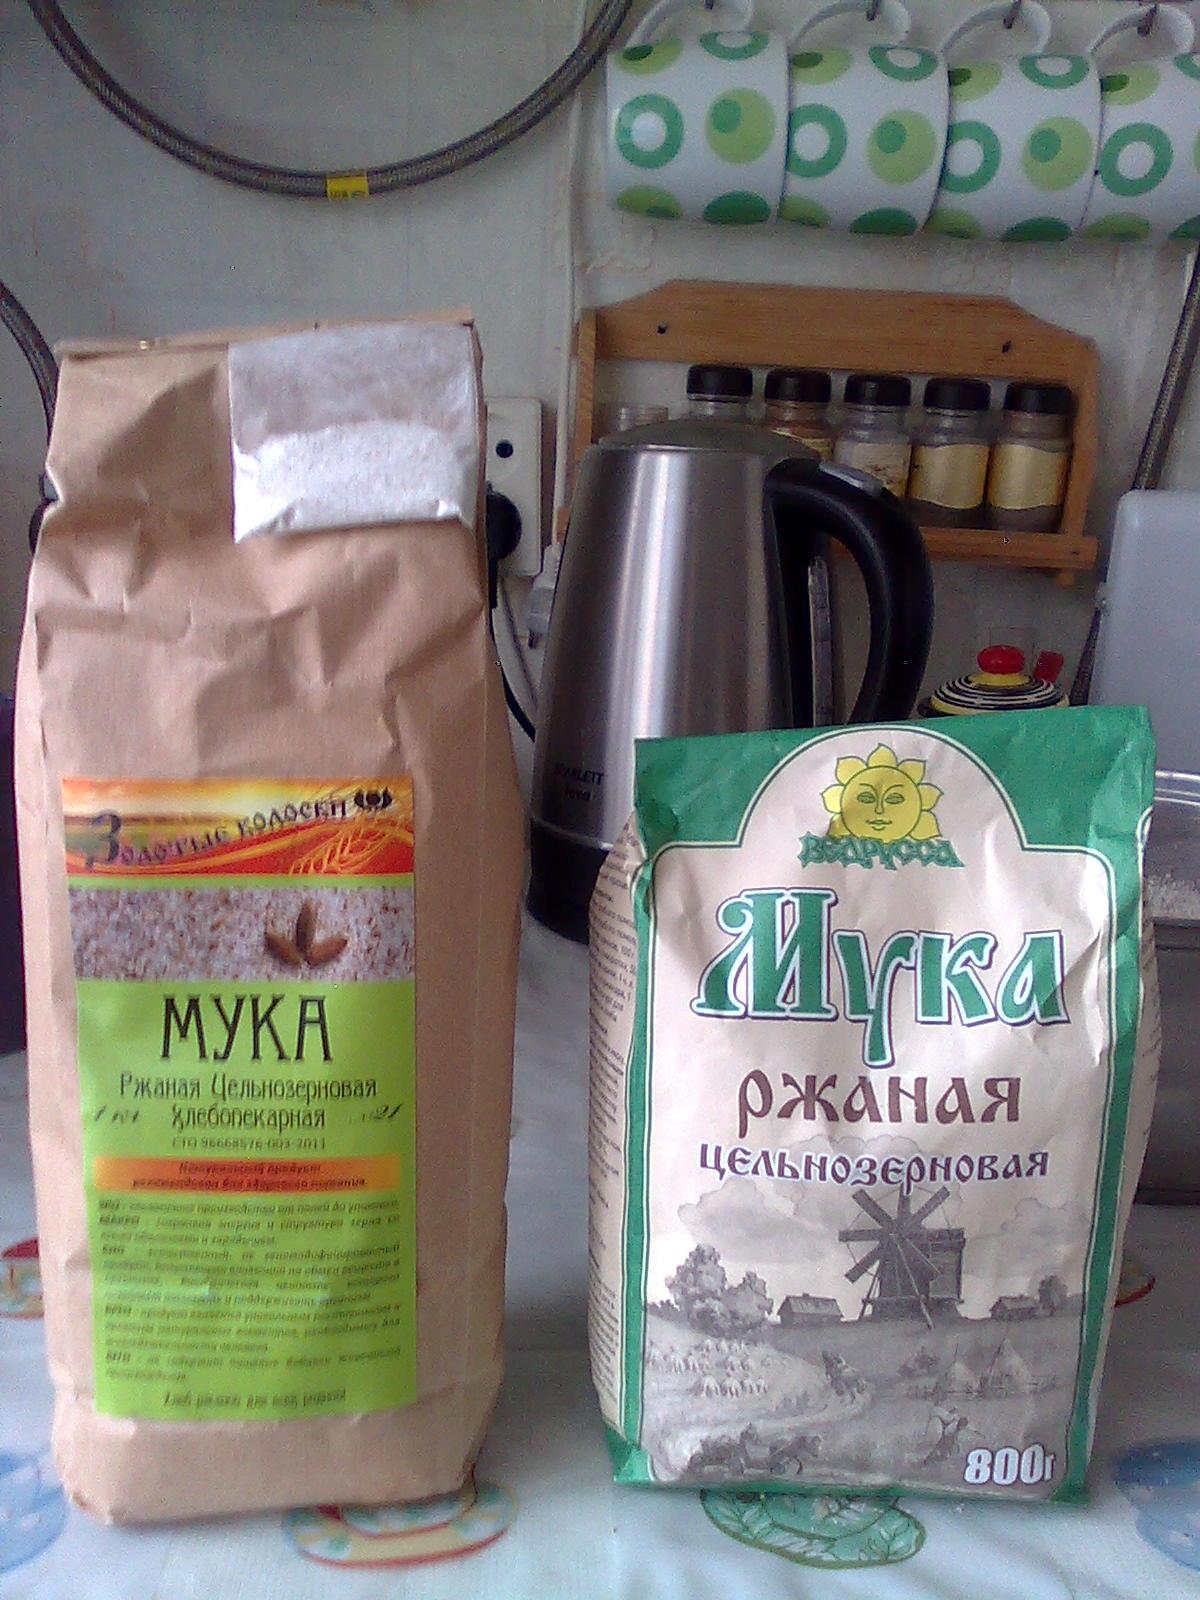 бездрожевой хлеб, закваска для хлеба, польза домашнего хлеба, как приготовить домашний хлеб